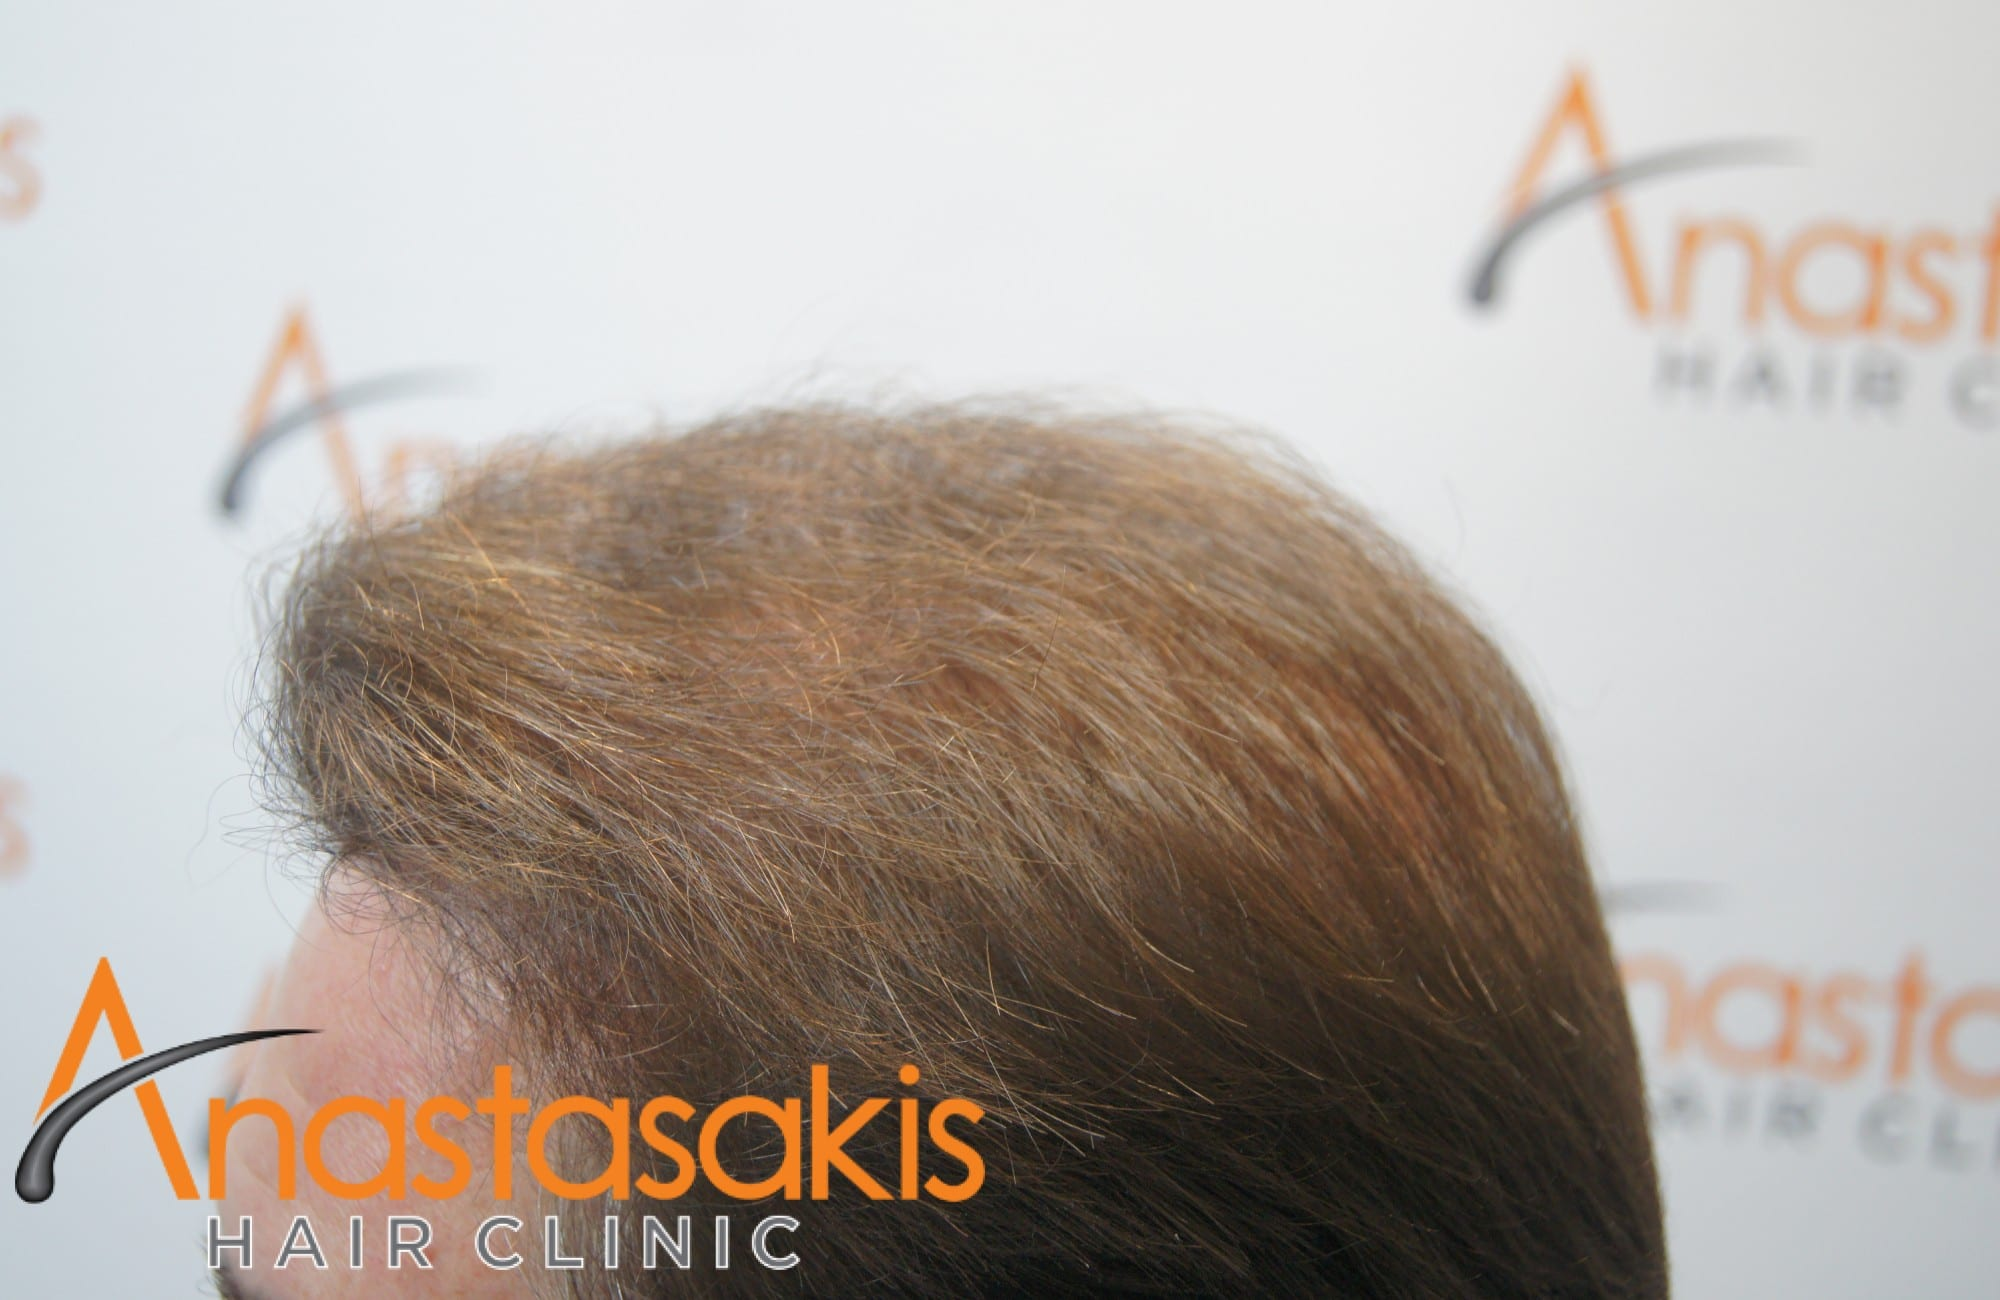 ασθενής μετα τη μεταμόσχευση μαλλιών με fut 3500 fus αριστερος κροταφος 2